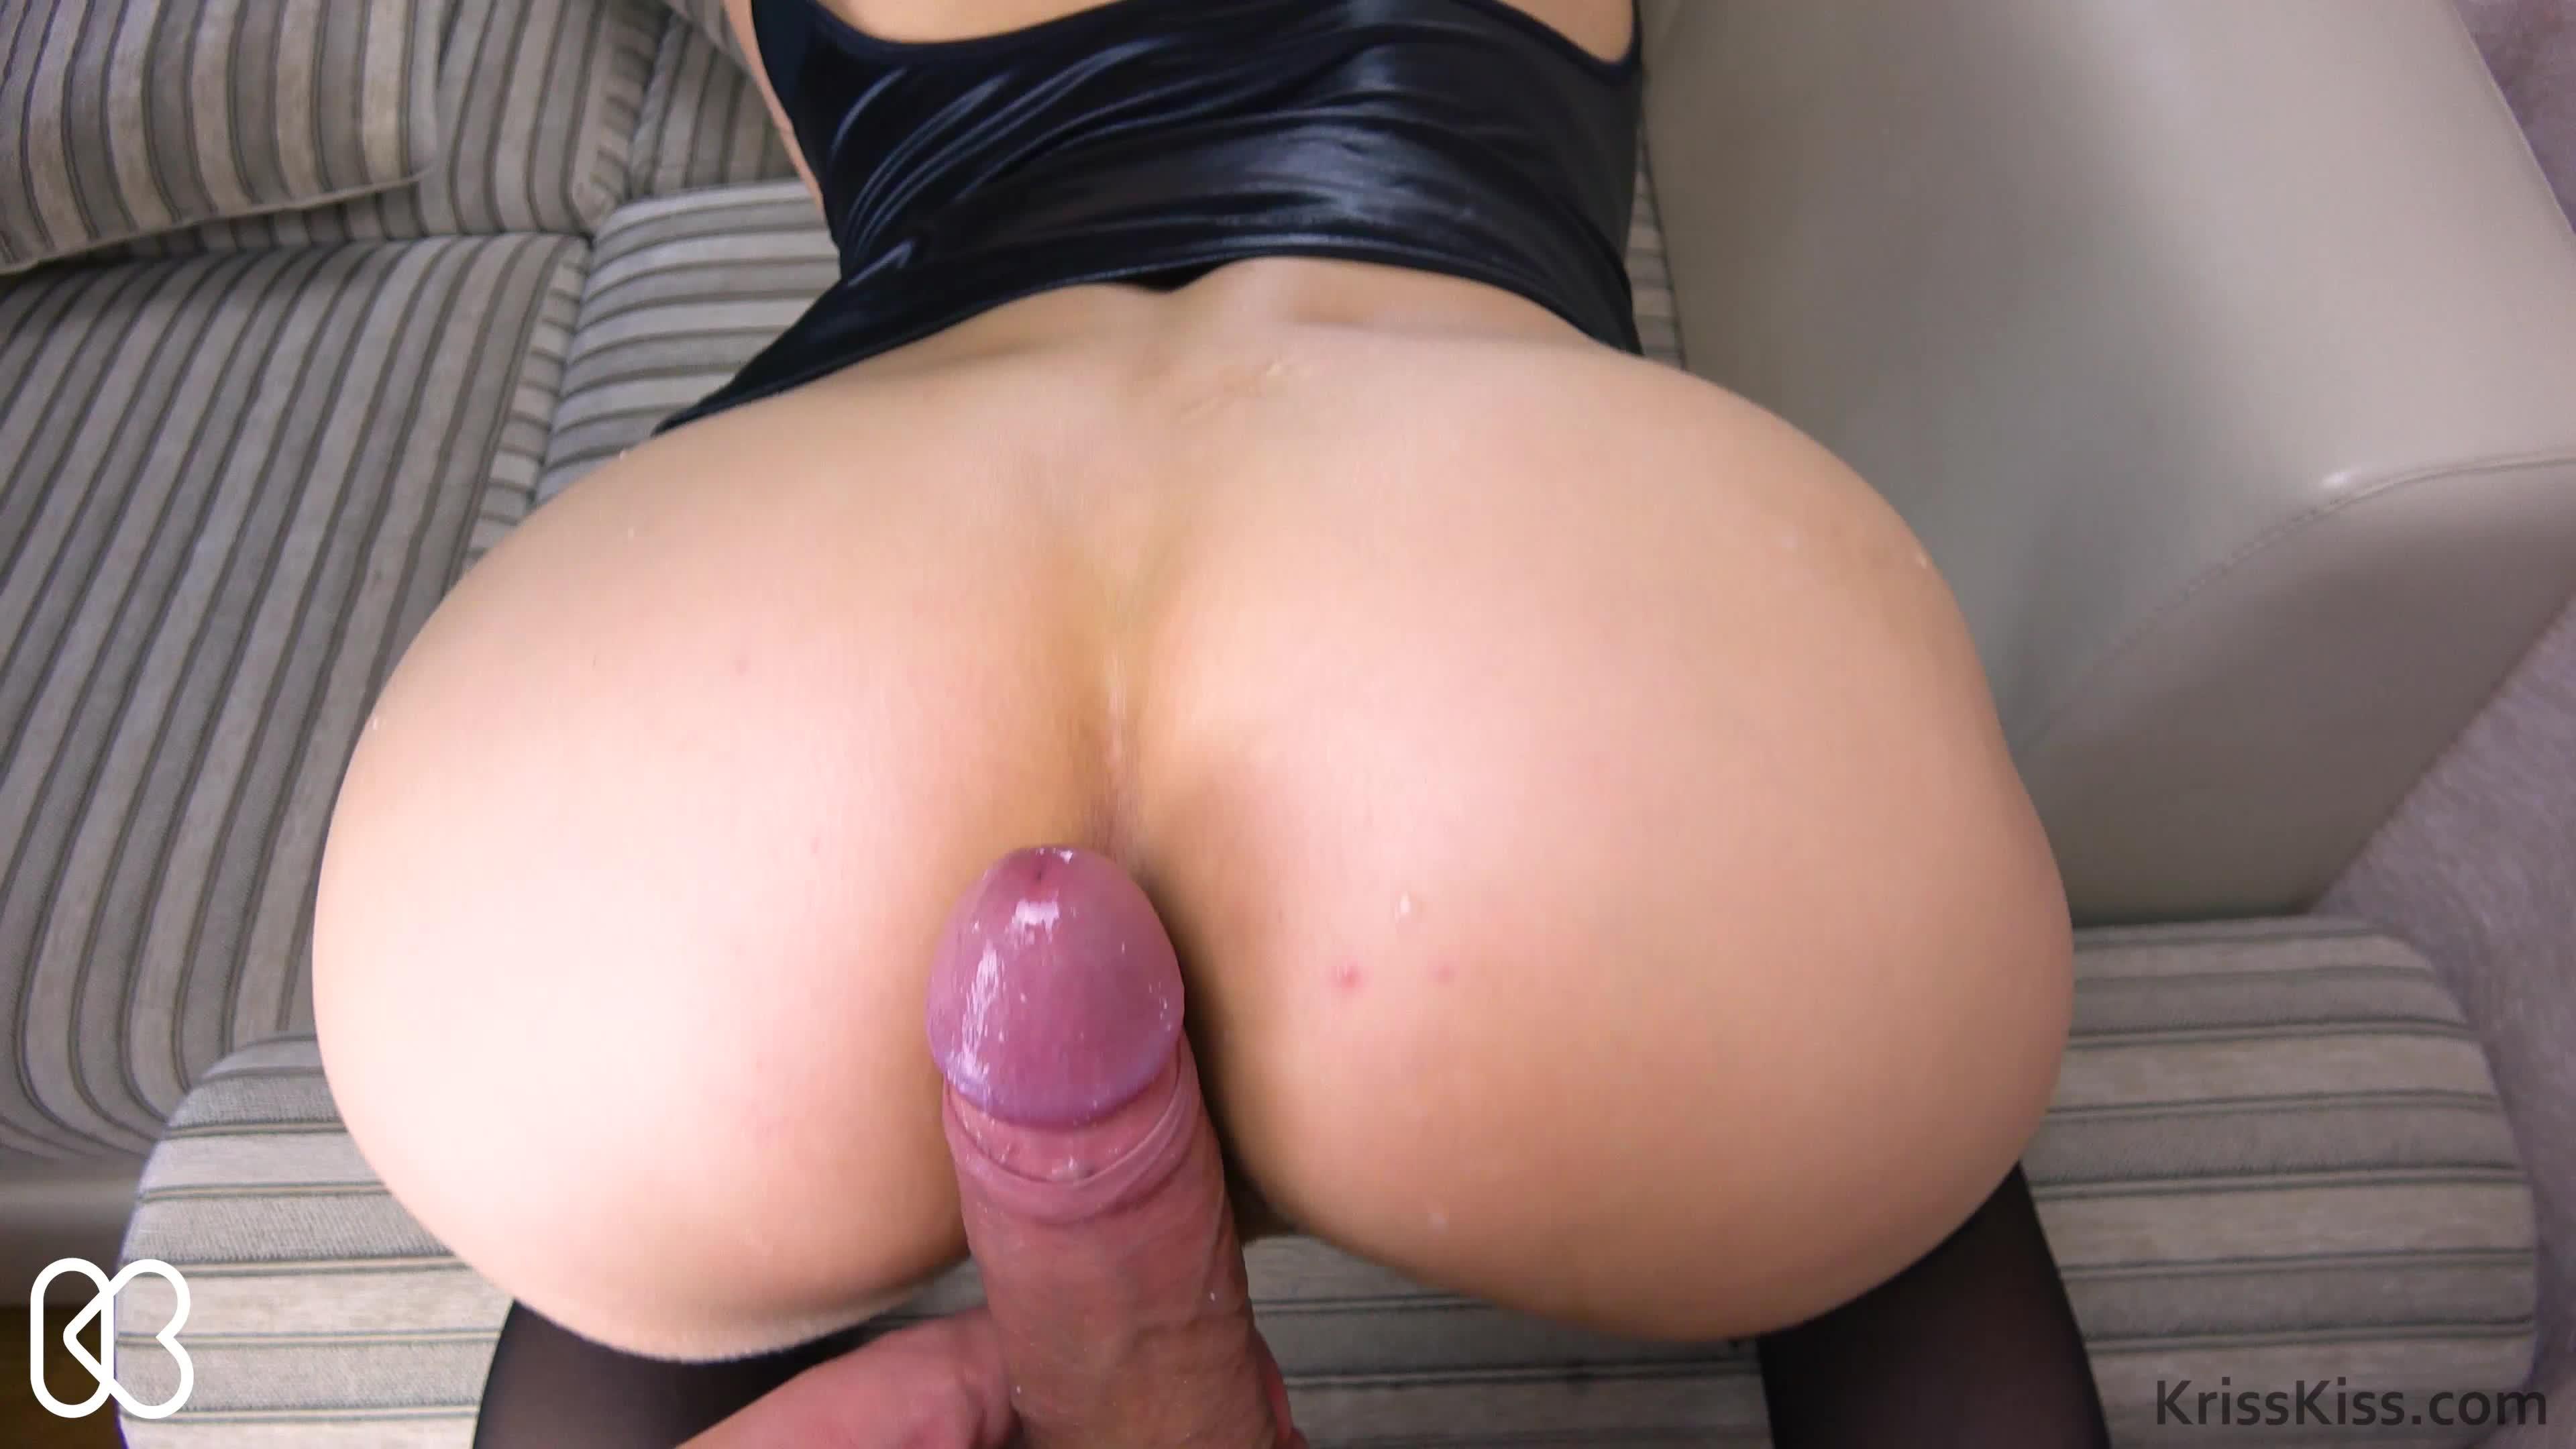 Big Ass Tits Teen Webcam She